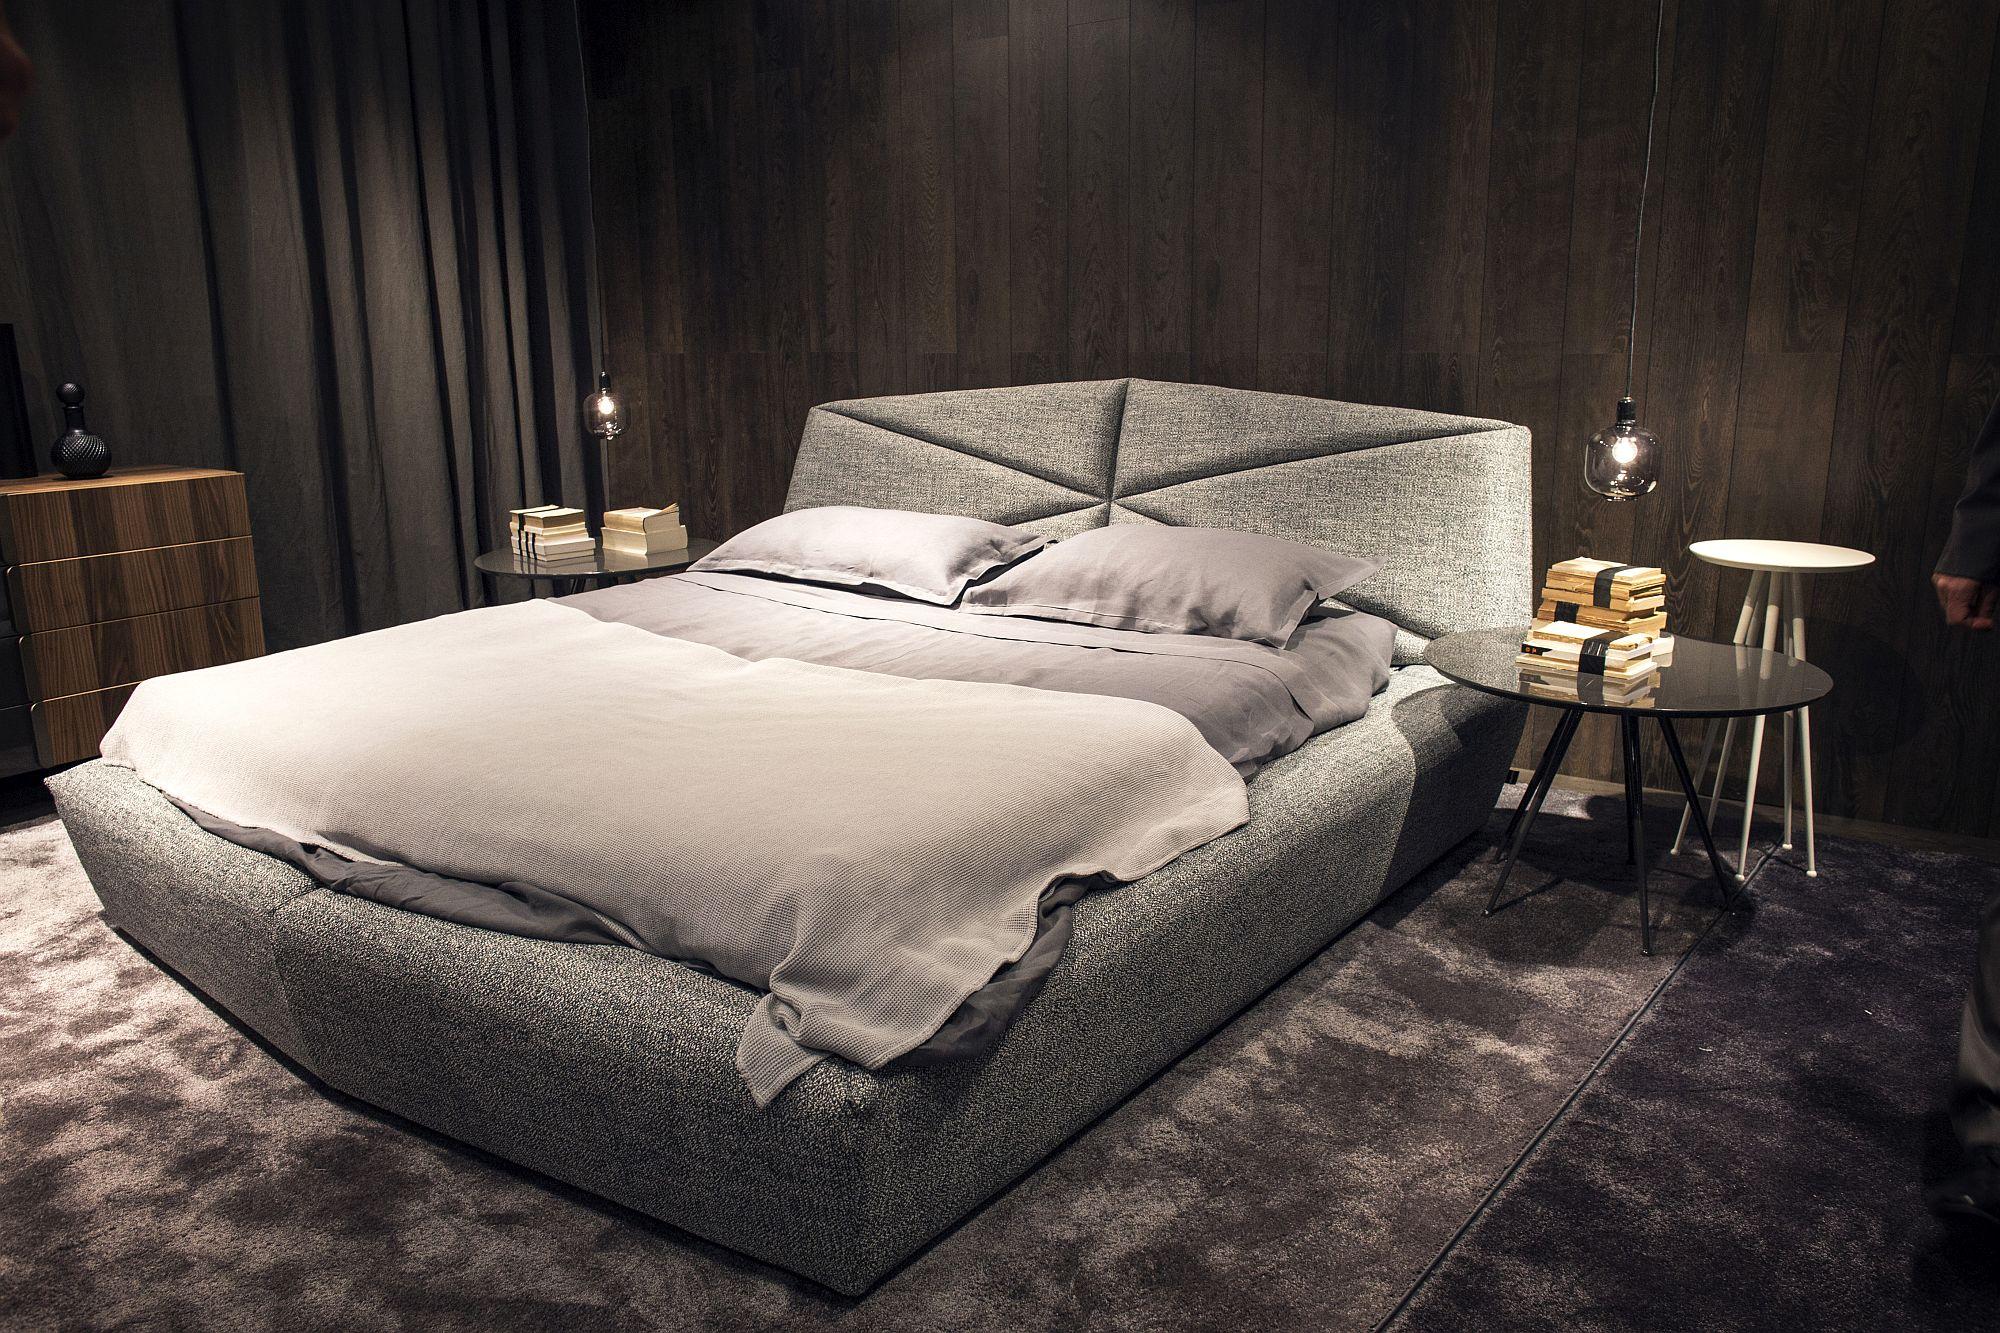 Smart-bedside-pendant-lighting-for-the-modern-minimal-bedroom